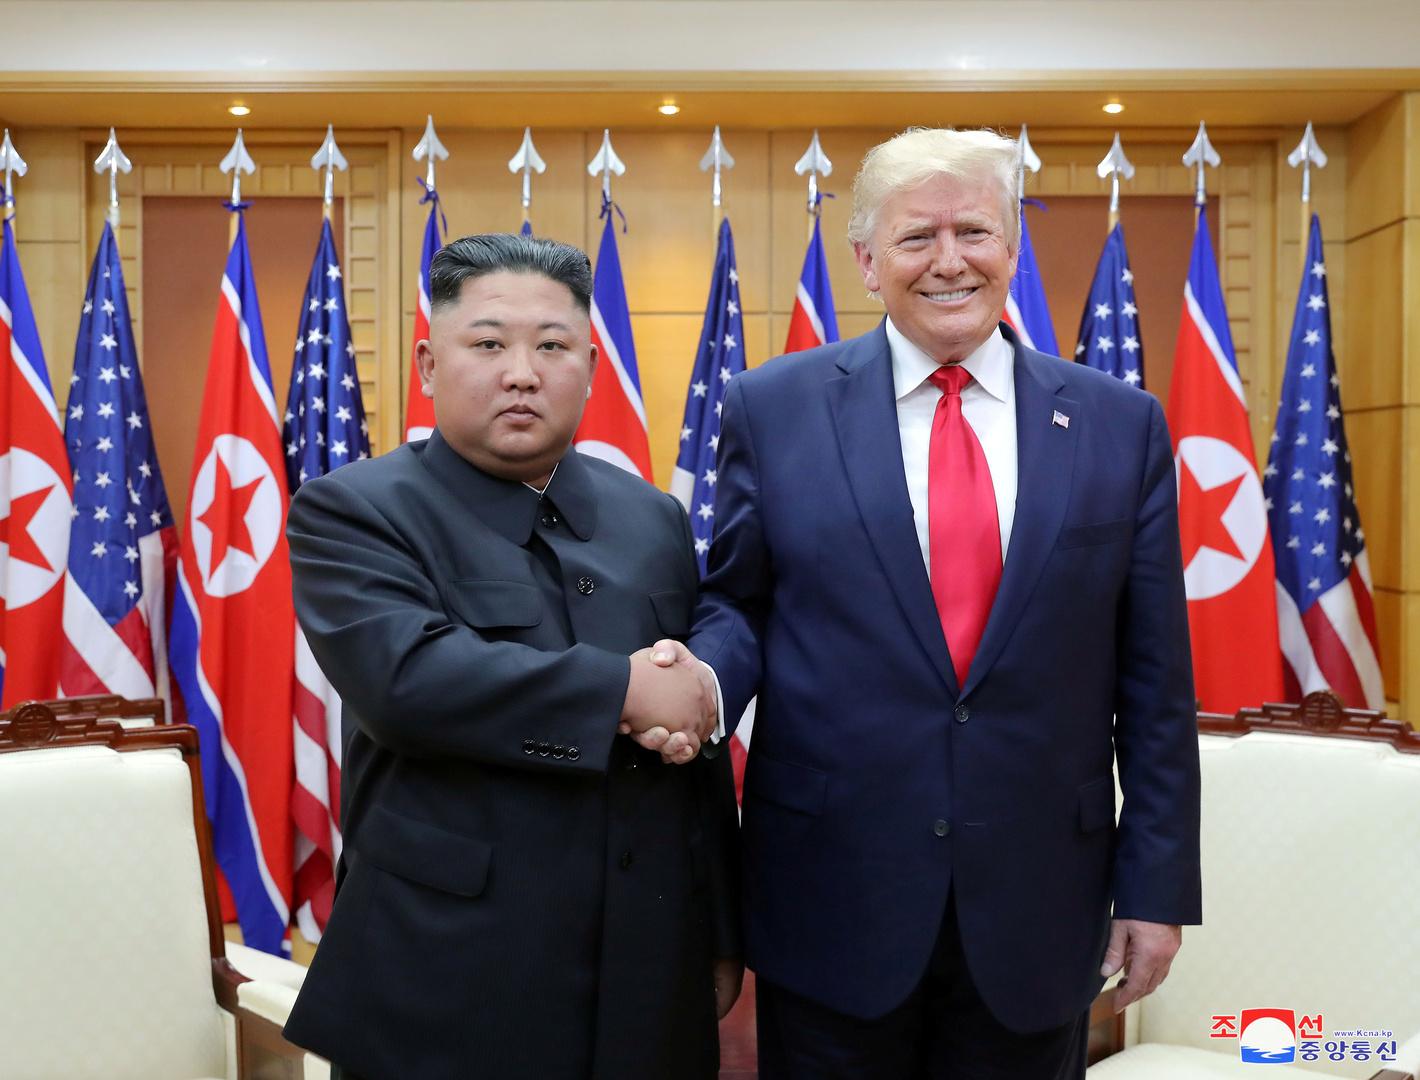 ترامب يعلق على التقارير حول إصابة زعيم كوريا الشمالية بـ